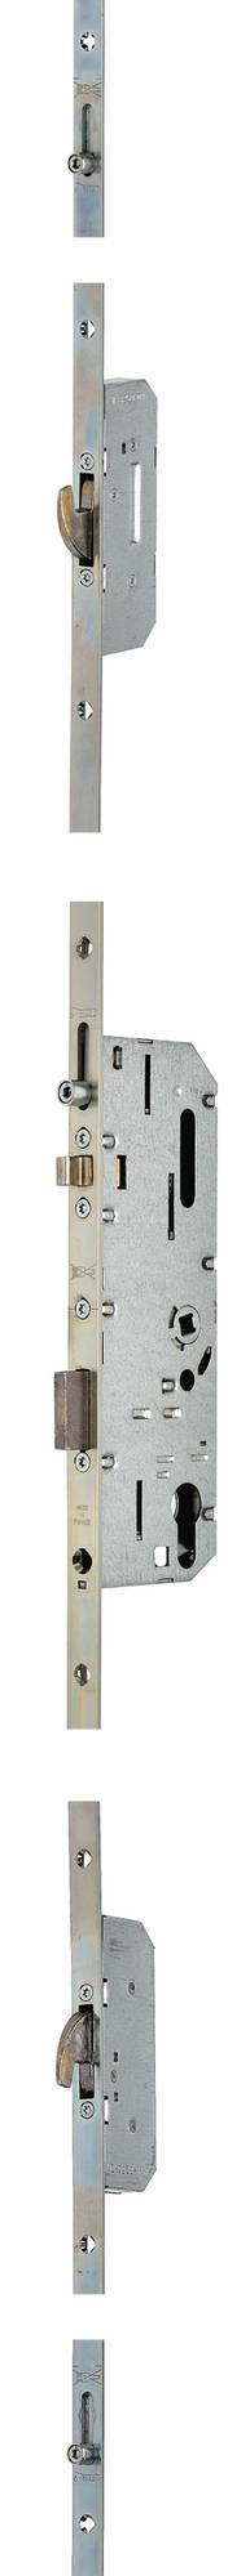 VACHETTE Serrure 4 points série 20215 automatique L2150 Têtière 18mm Axe 50mm - VACHETTE - 26770000